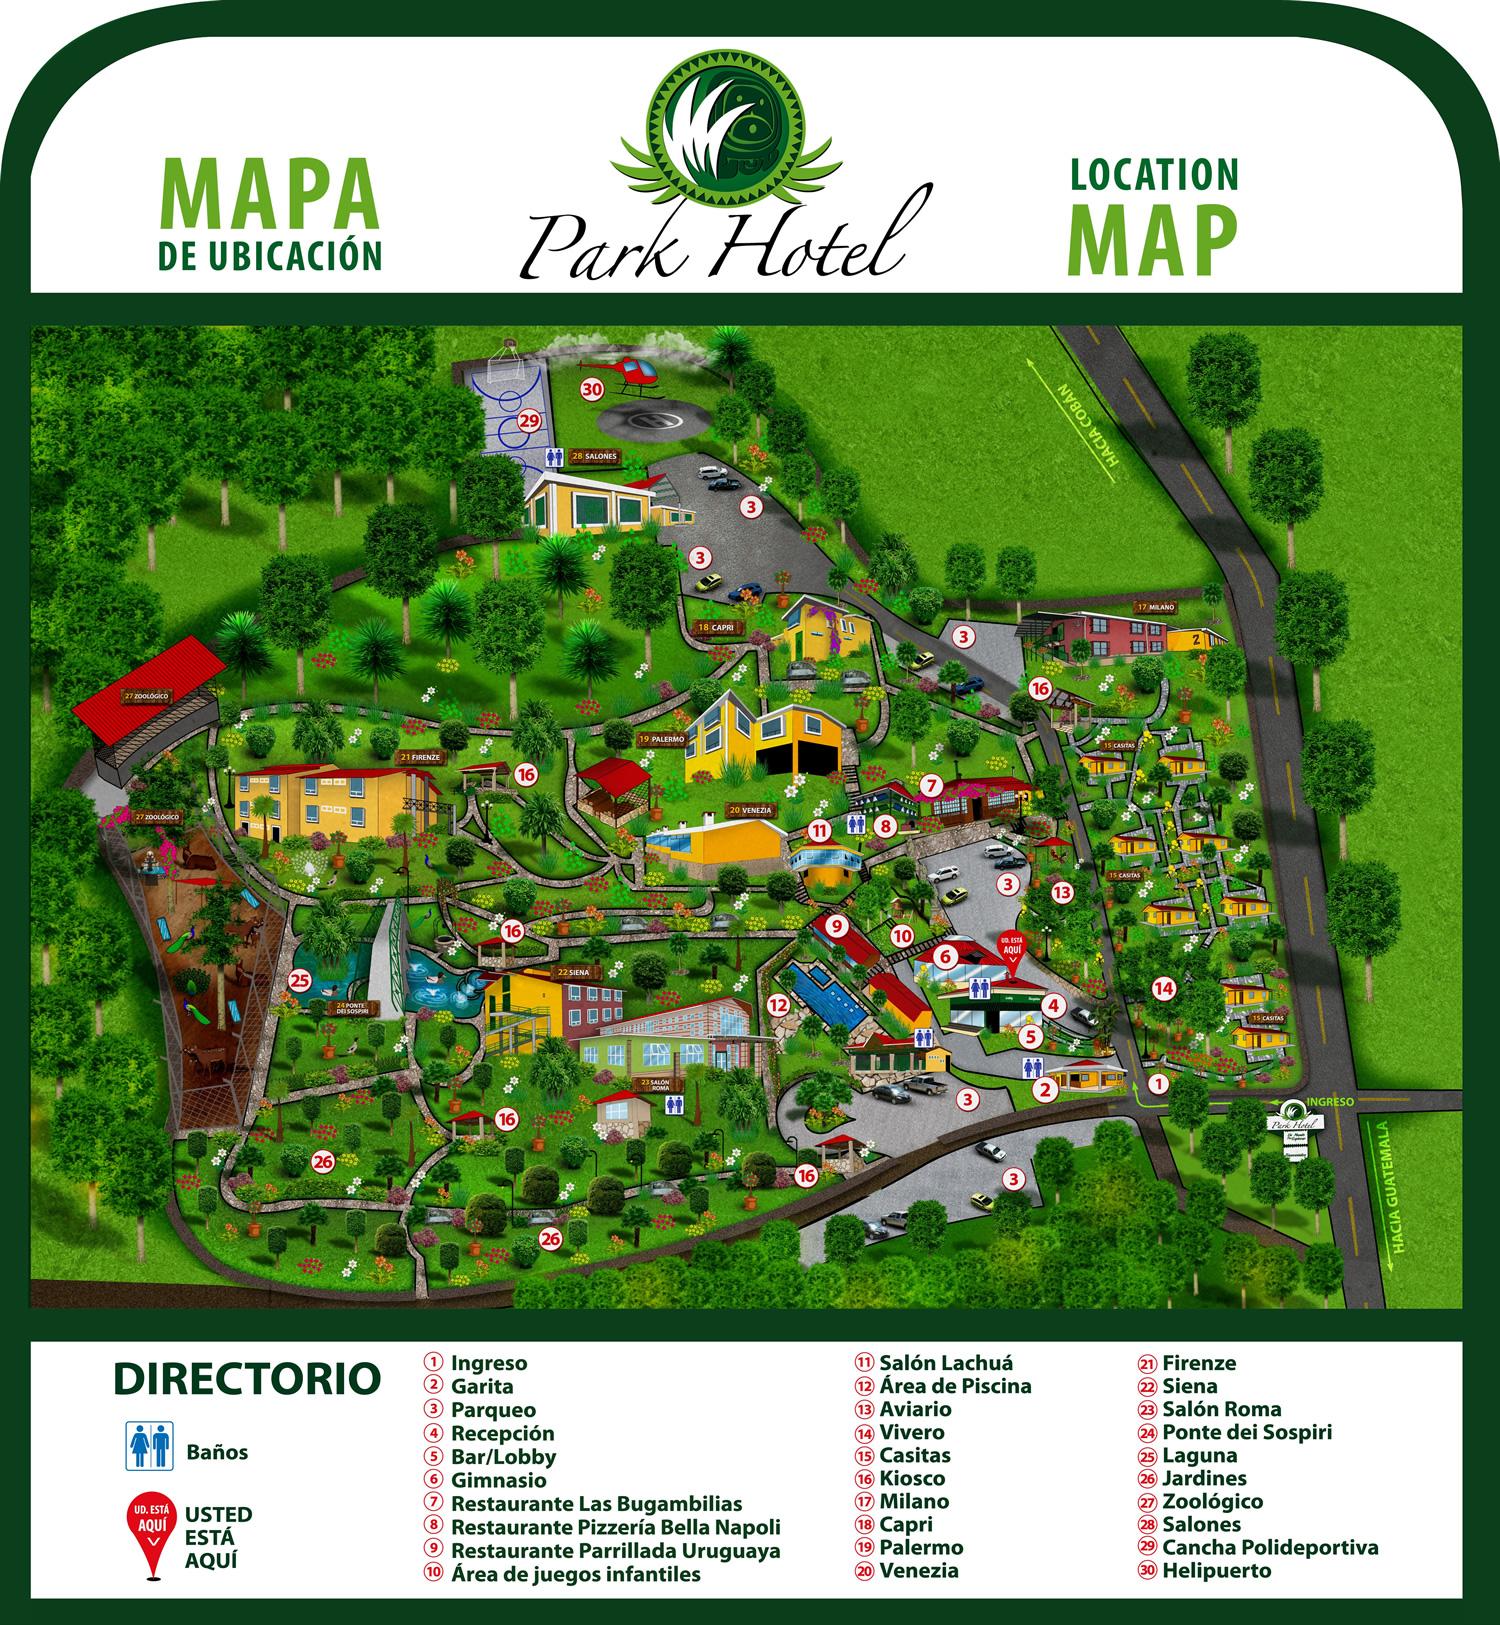 441-park-hotel-resort-mapa